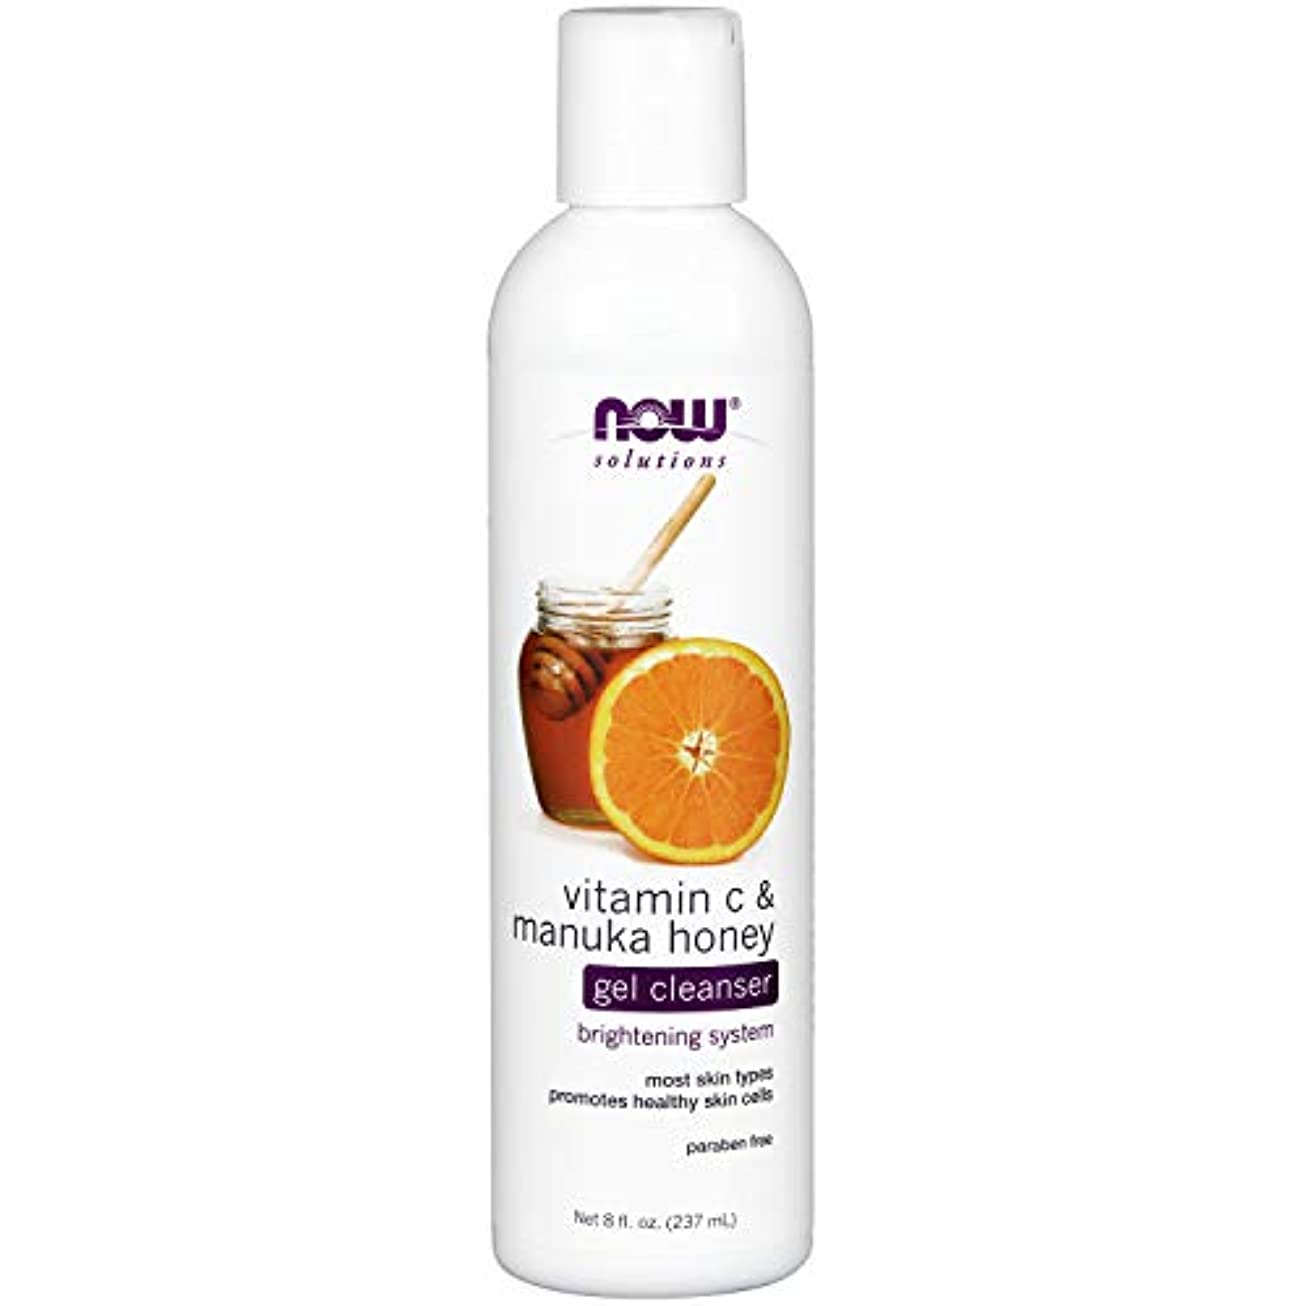 スロベニア傘出力NOW Vitamin C & Manuka Honey Gel Cleanser - 8 fl. oz. ビタミンC&マヌカハニー配合のジェルタイプ洗顔 ~海外直送品~